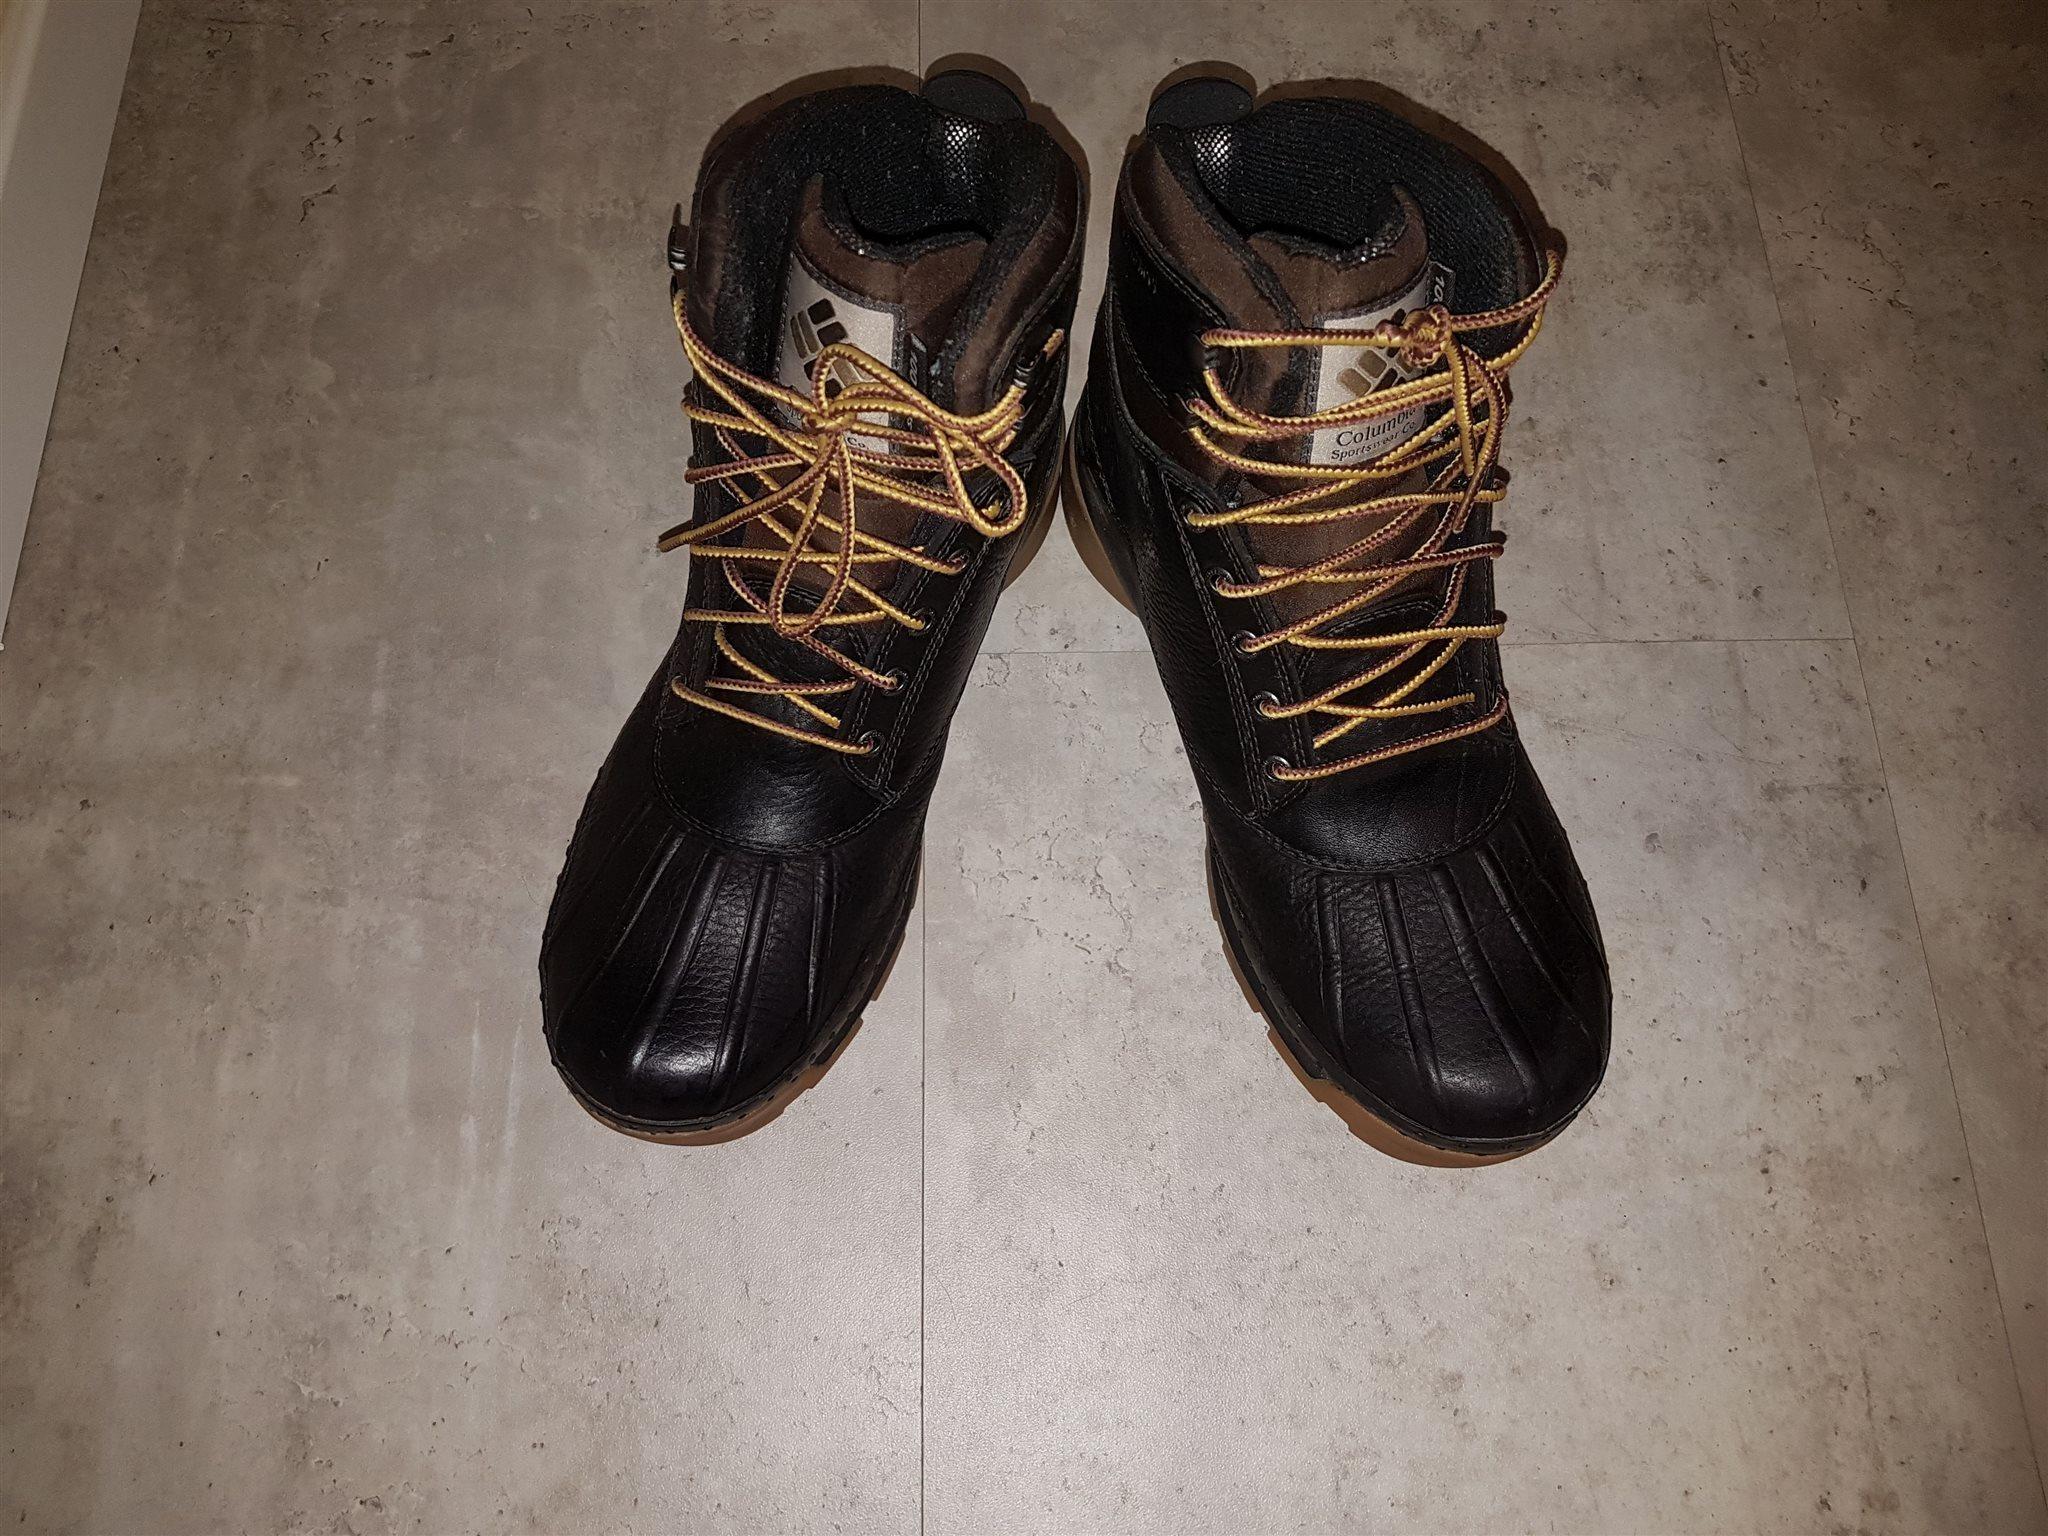 de7a069716c Snygga COLUMBIA BUGABOOT ORIGINAL kängor boots.. (342739259) ᐈ Köp ...